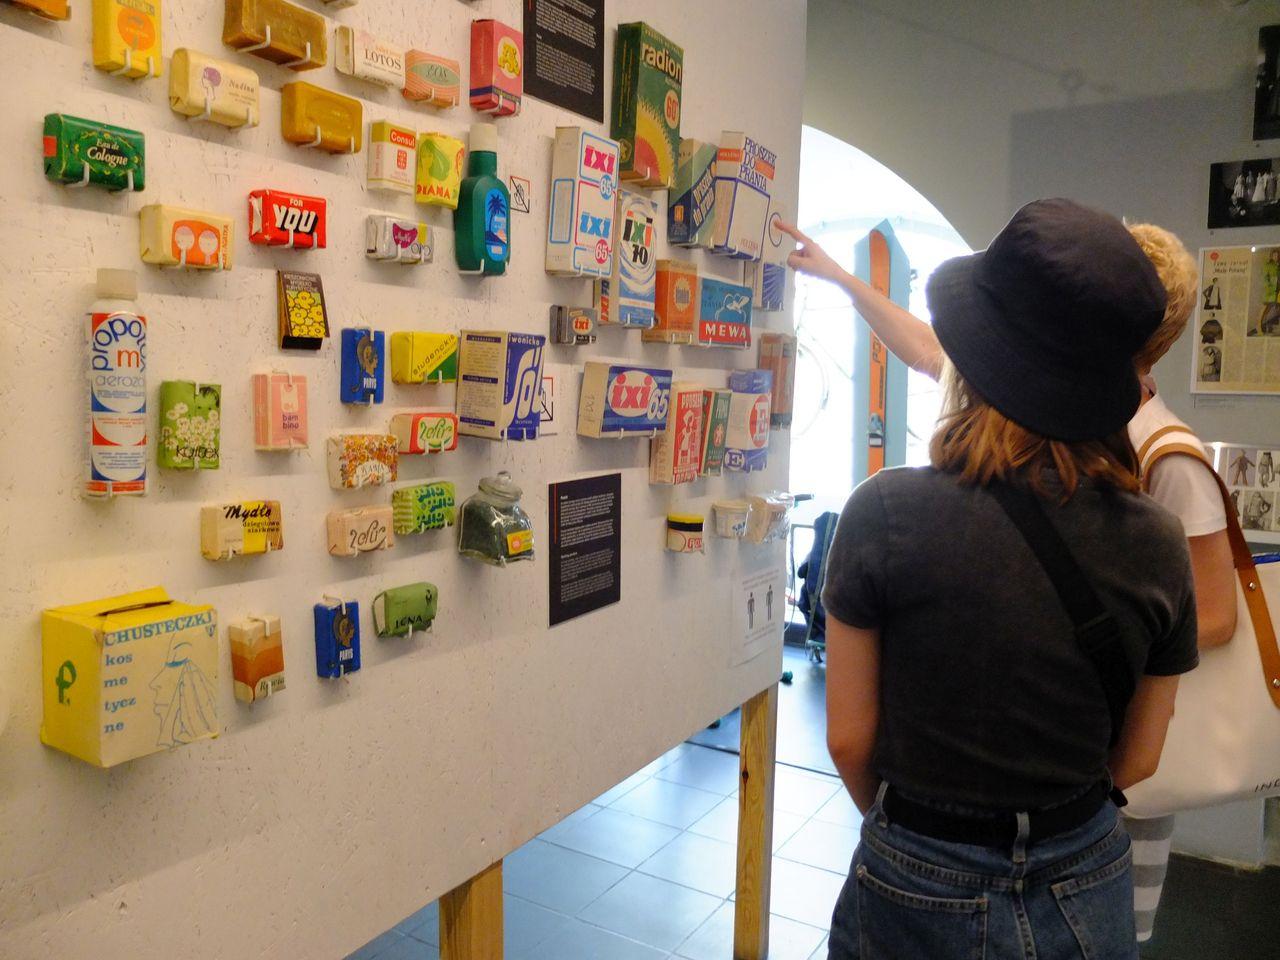 Interaktion in und mit der Ausstellung: Mutter und Tochter im Warschauer Museum des Lebens in der Volksrepublik (Foto: Sabine Stach)